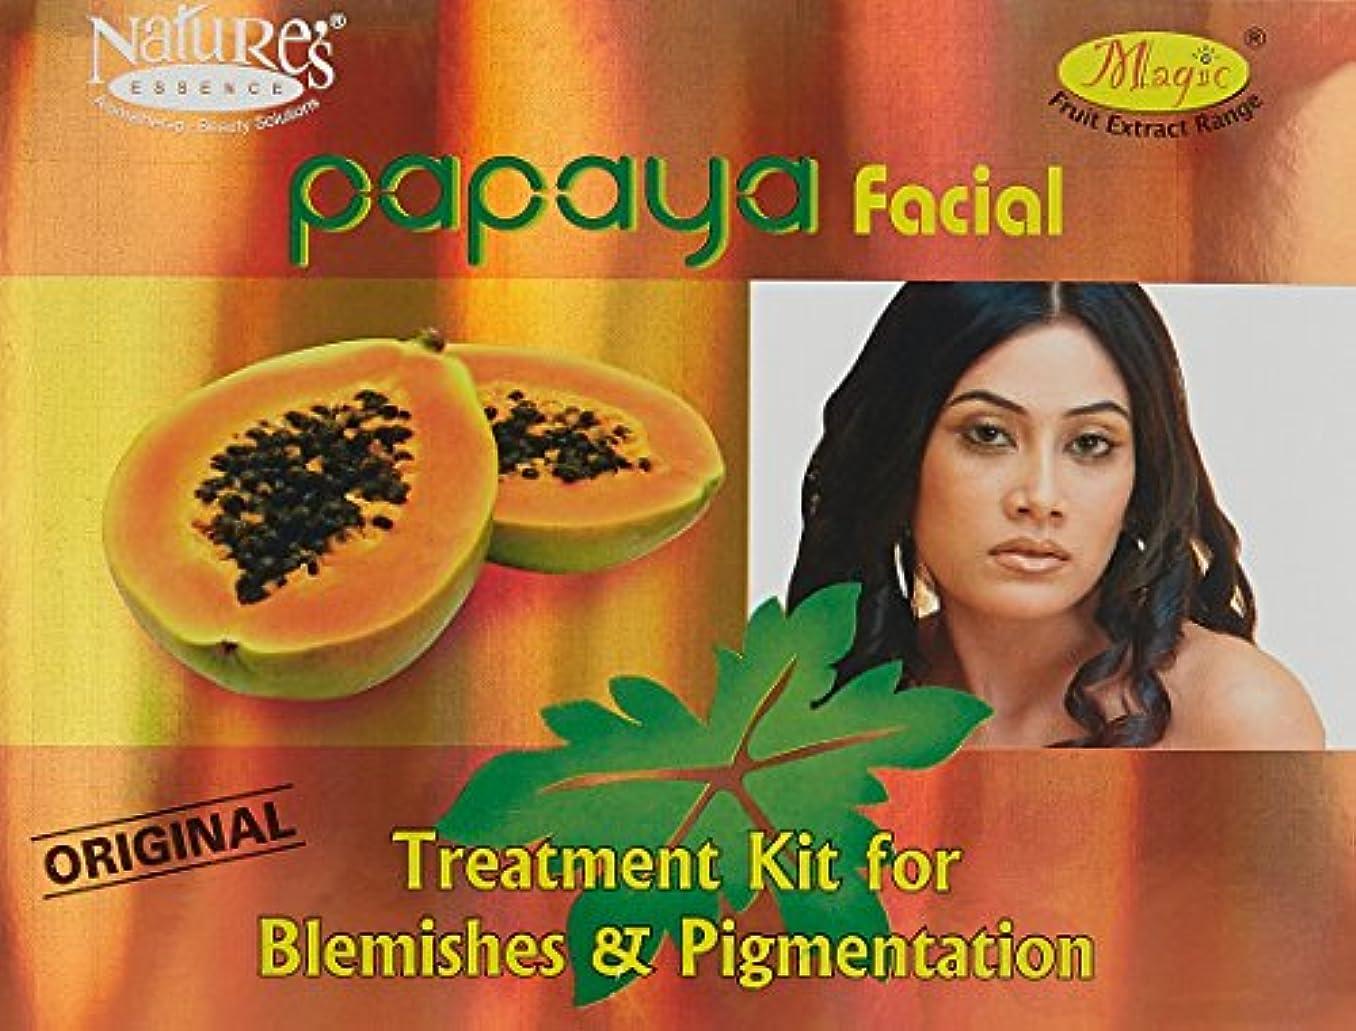 収穫致命的な心のこもった自然のエッセンスパパイヤフェイシャルキットシミ·色素沈着1キットNature's Essence Papaya Facial Kit Blemishes & Pigmentation 1 Kit